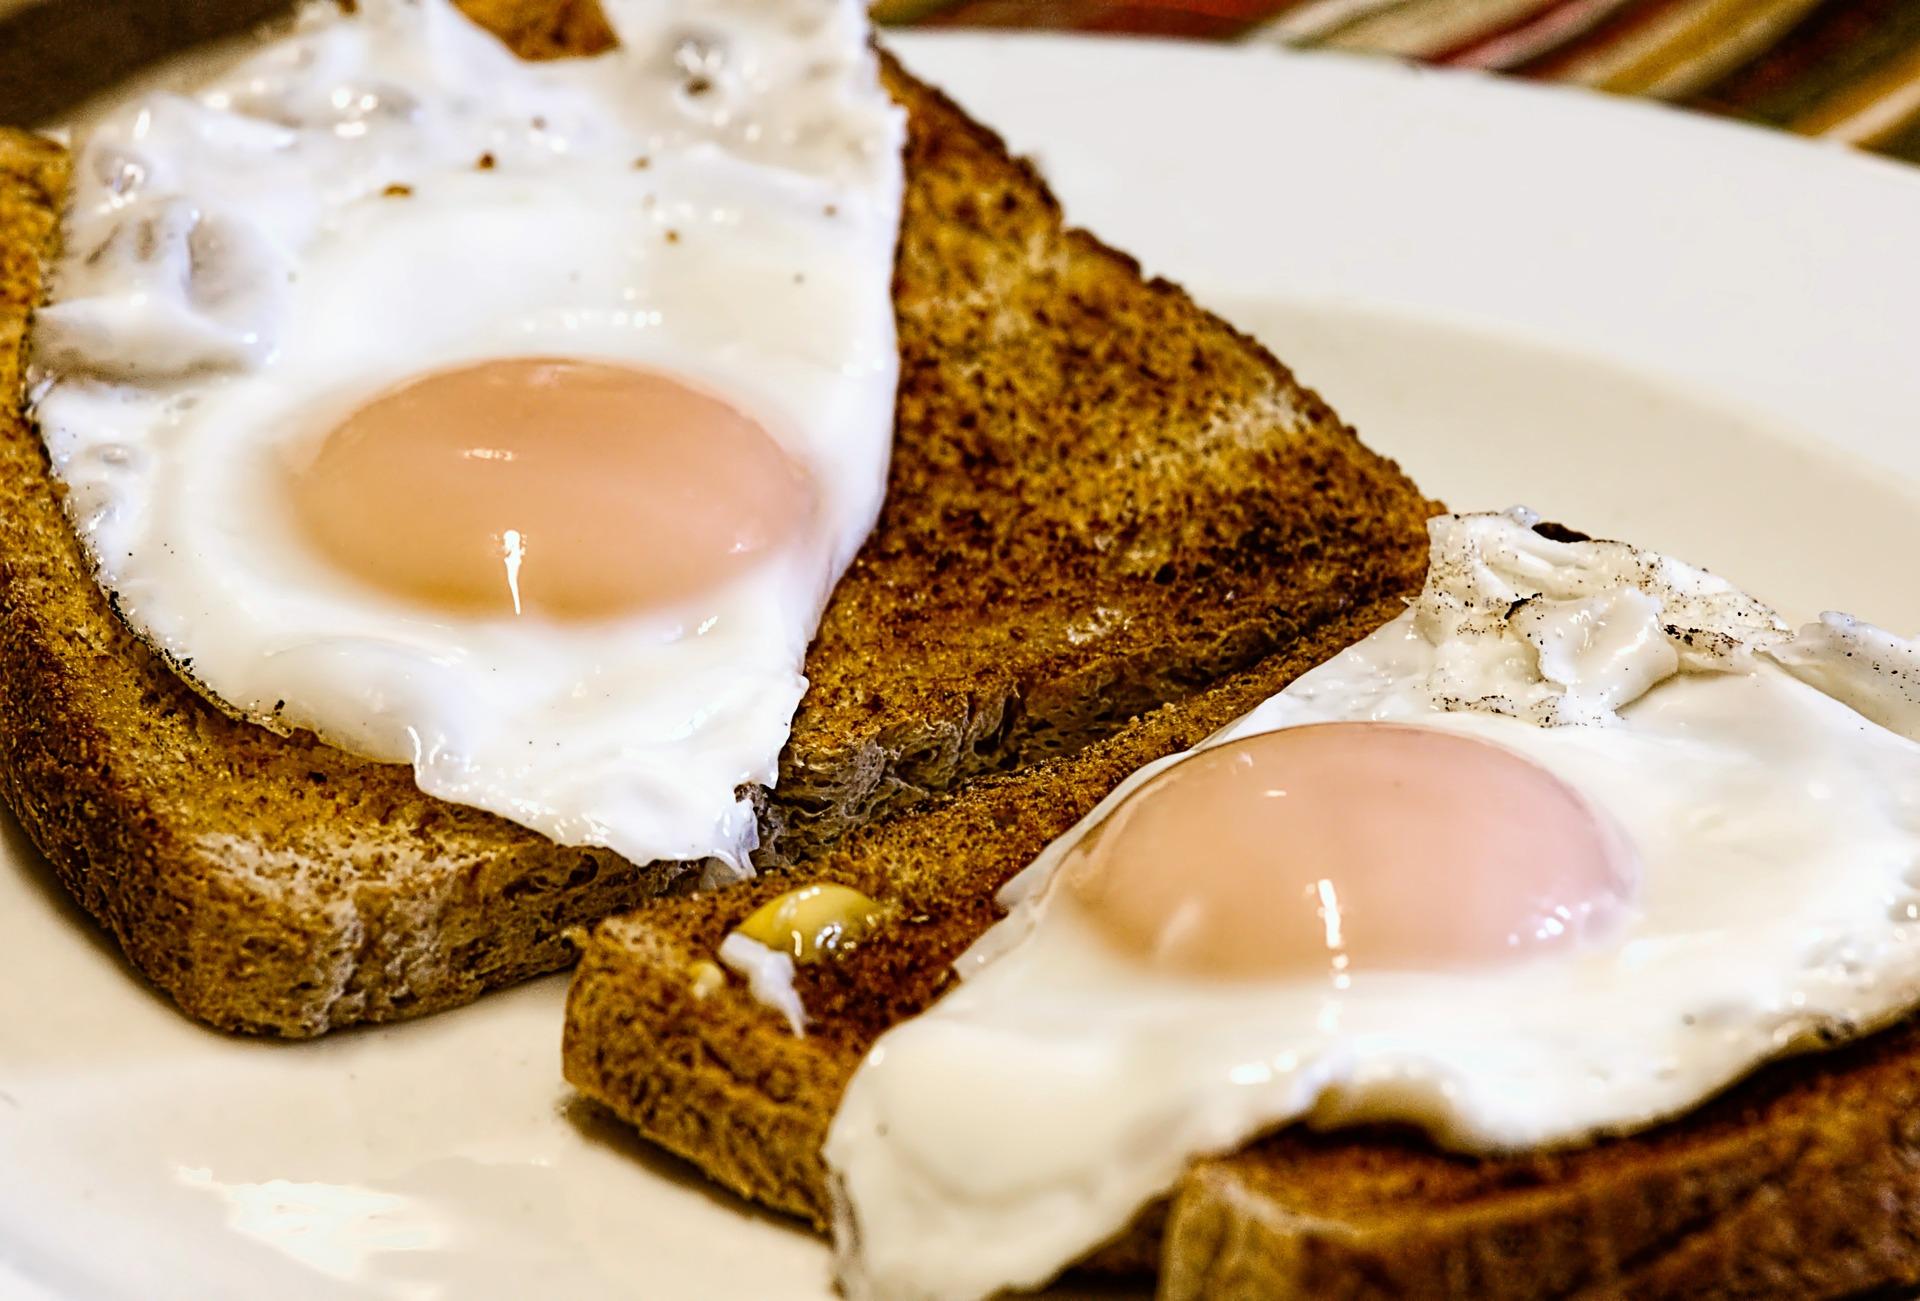 بيضة واحدة يوميا تحمي الأطفال من التقزّم